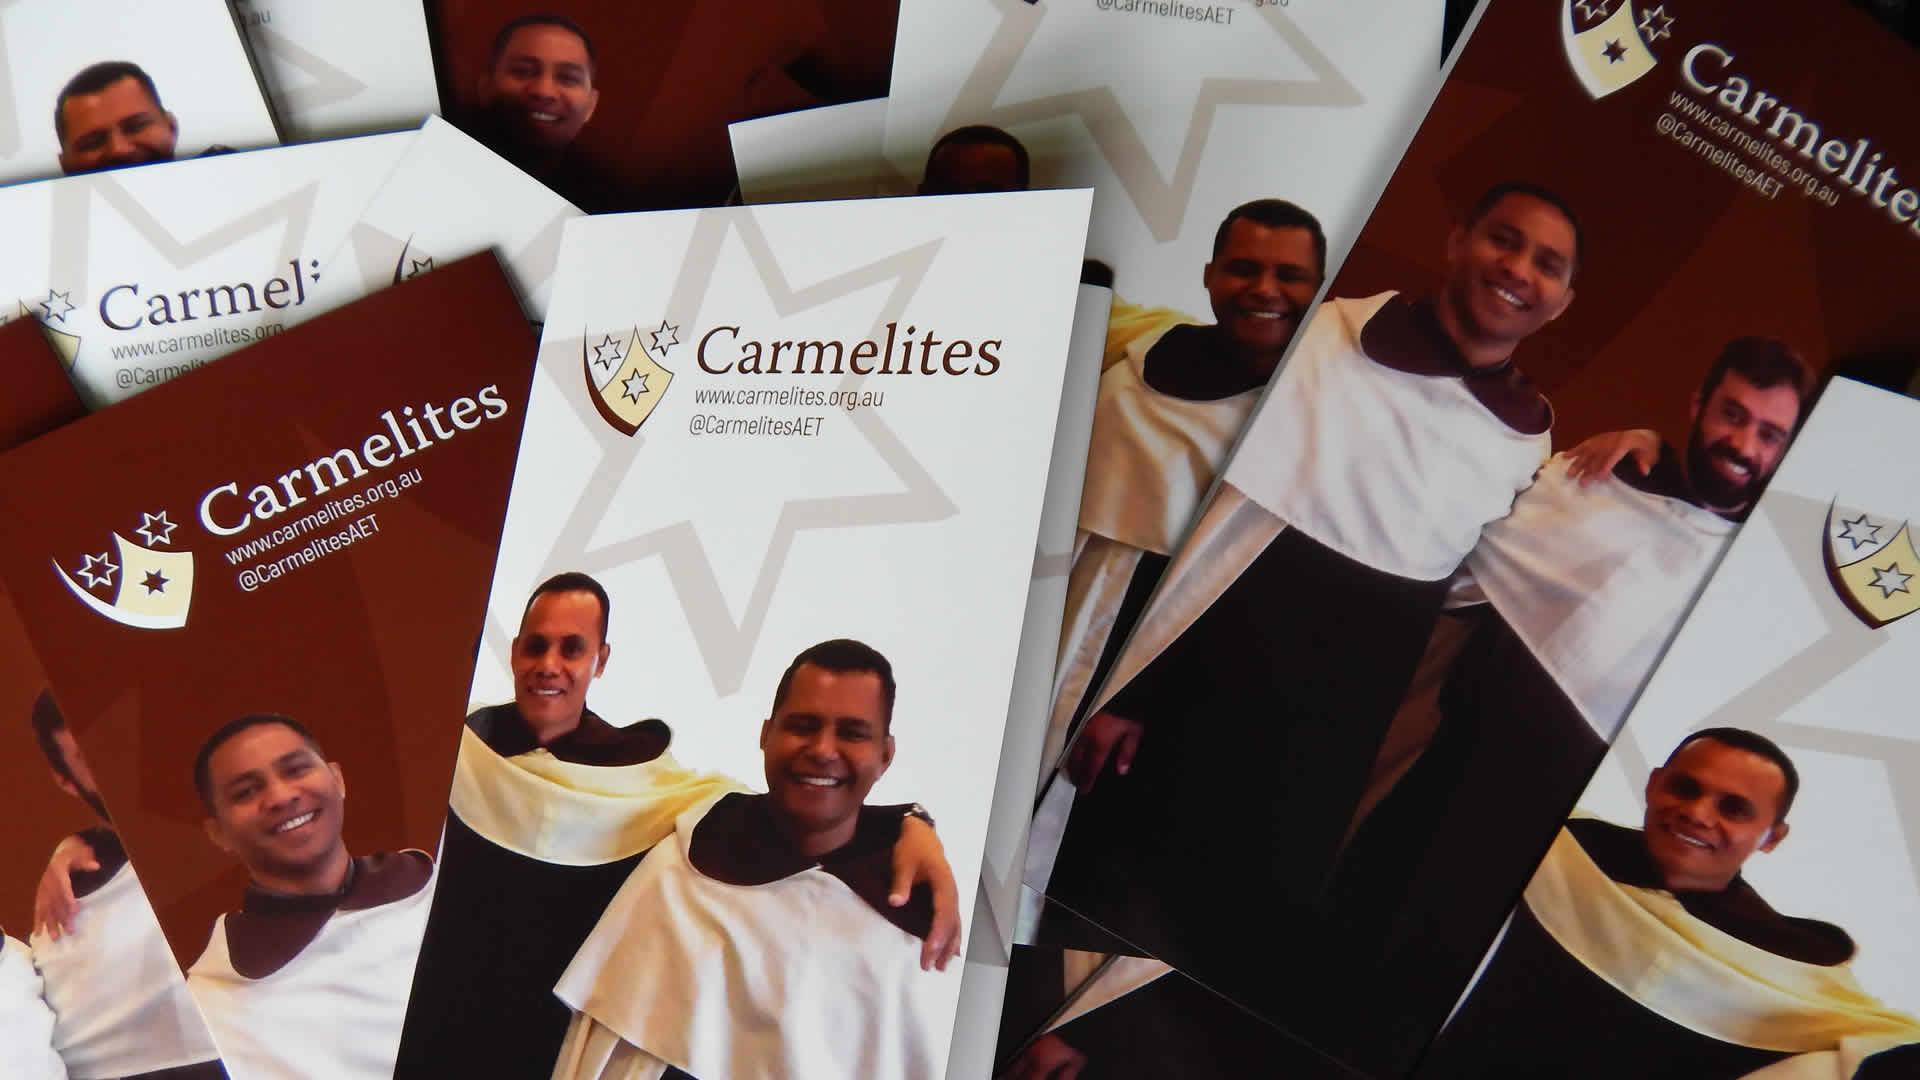 History of the Carmelite Order